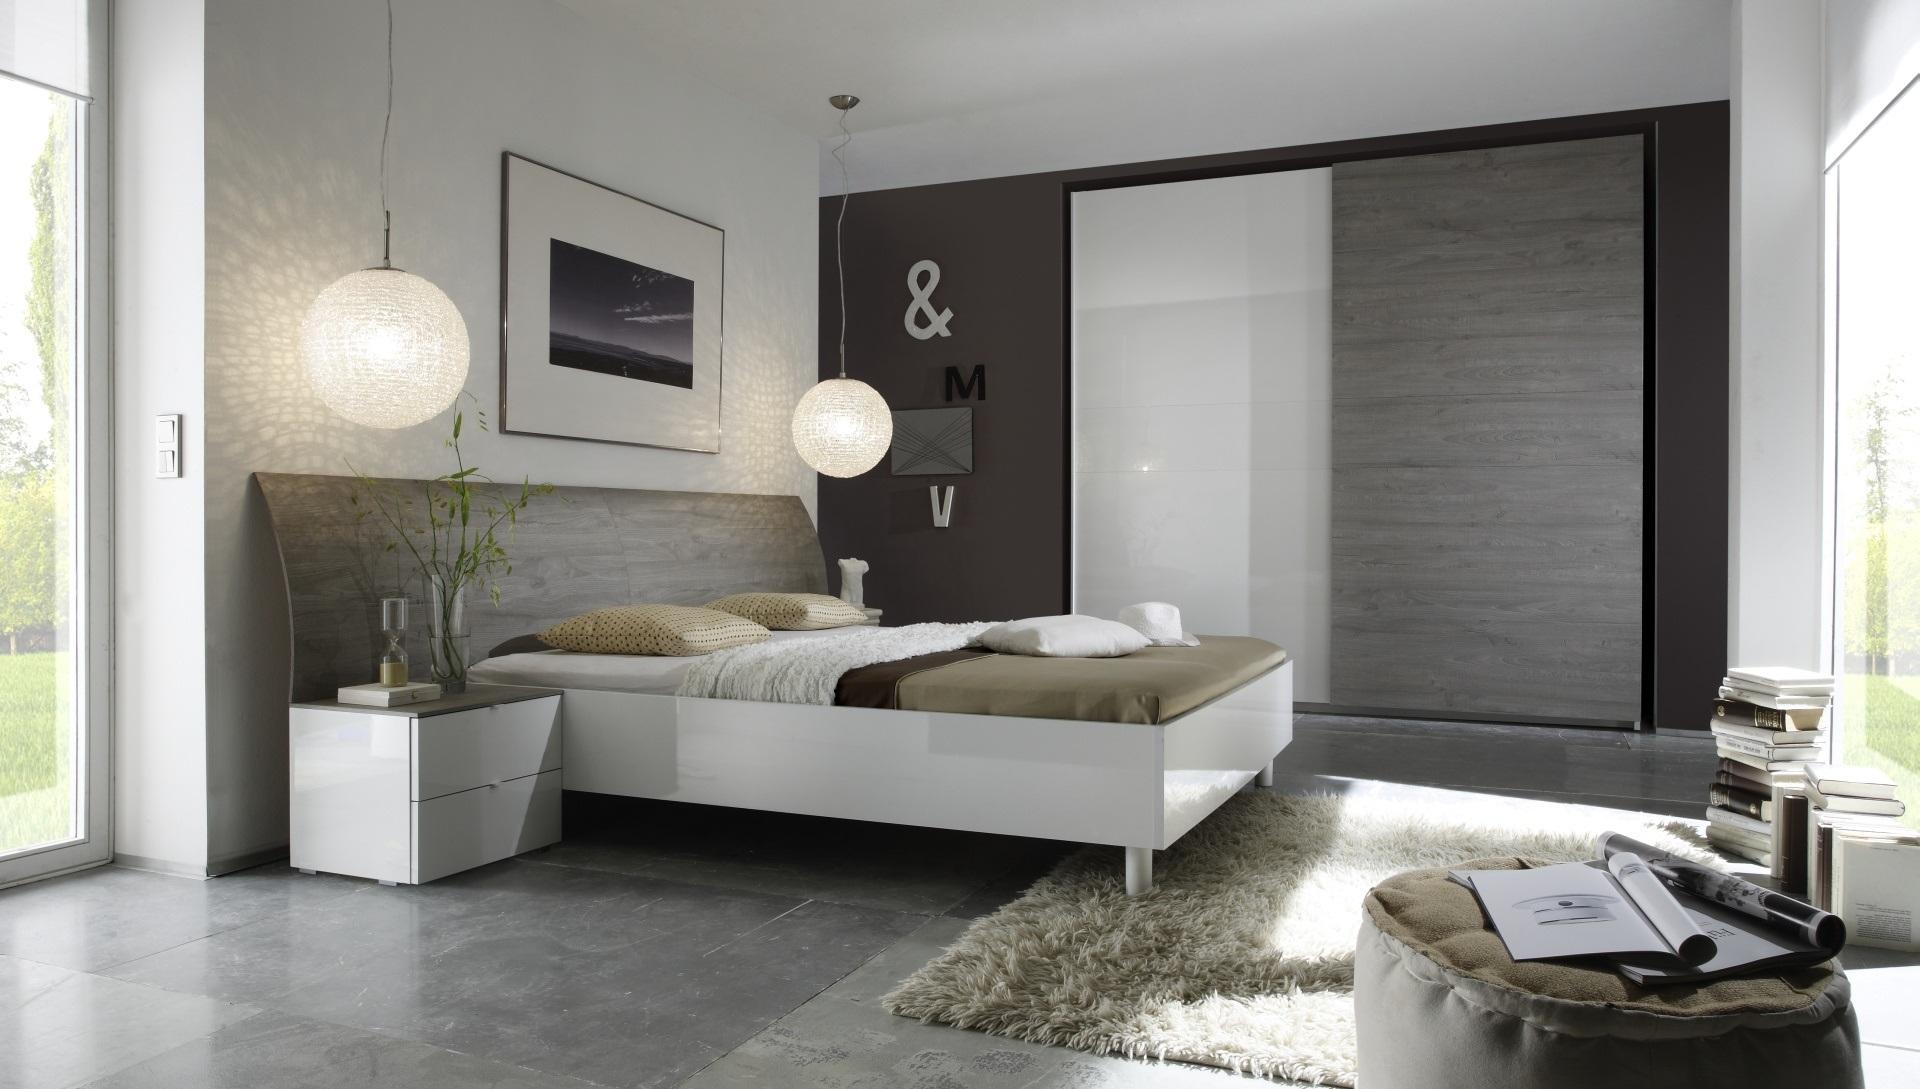 Chambre Adulte Design Complete Blanc Laque Gris Stevia